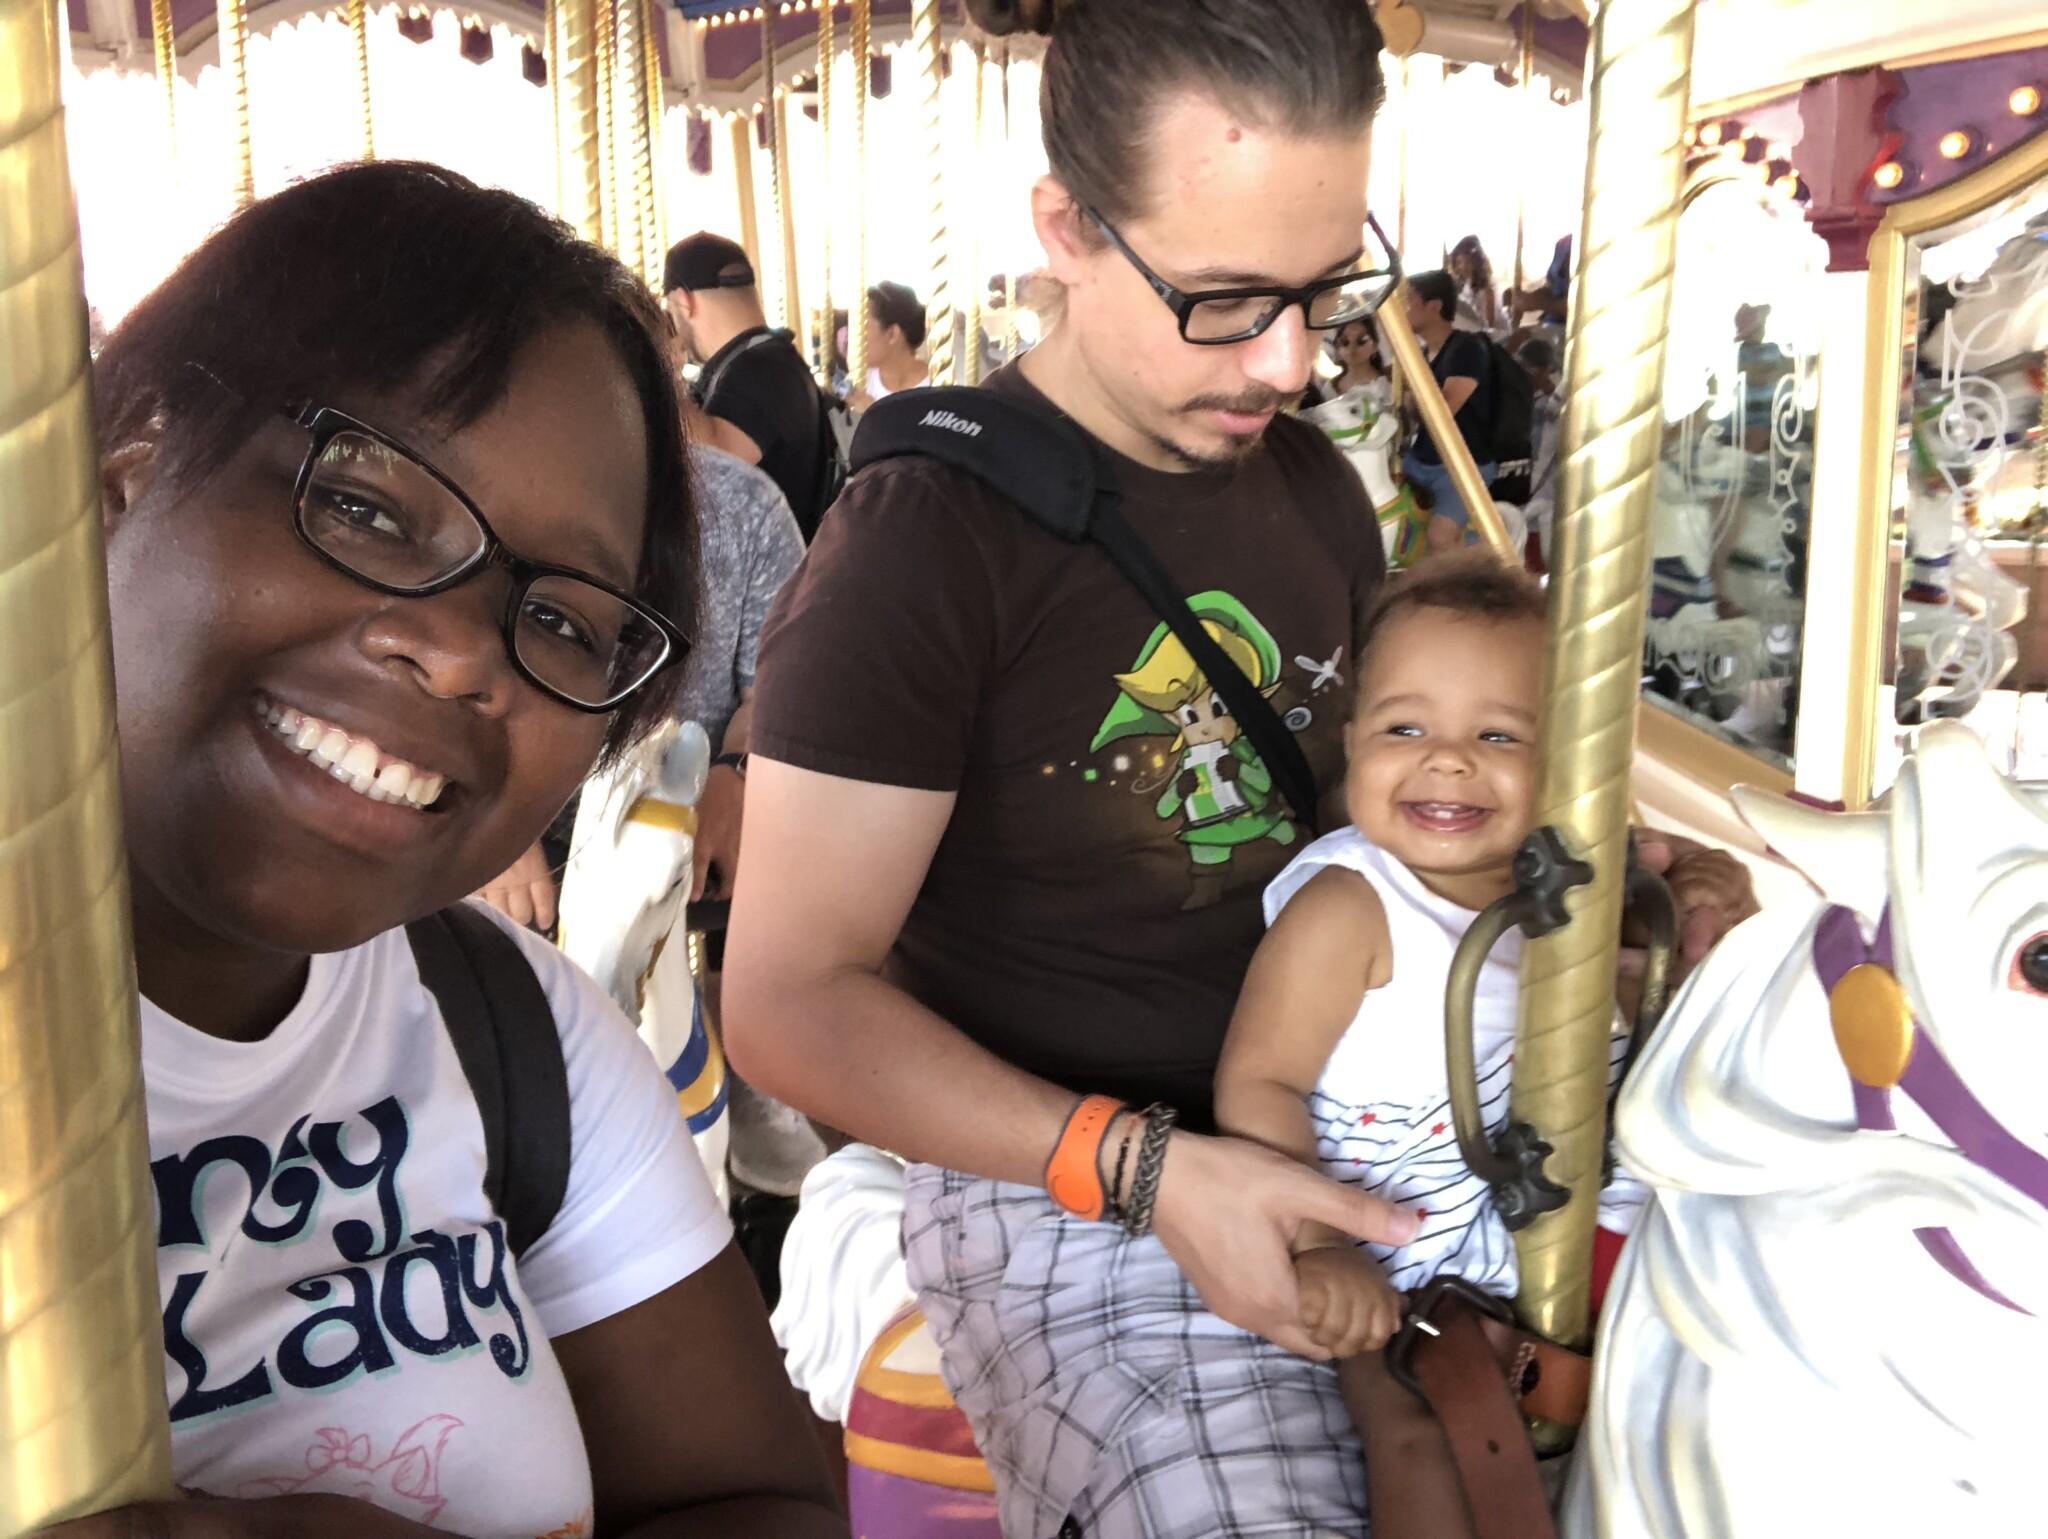 2 semaines en Floride avec un bébé de 1 an - Séjour du 2 au 16 mai 2019 DCL + WDW - Page 15 IMG_0924-2048x1539